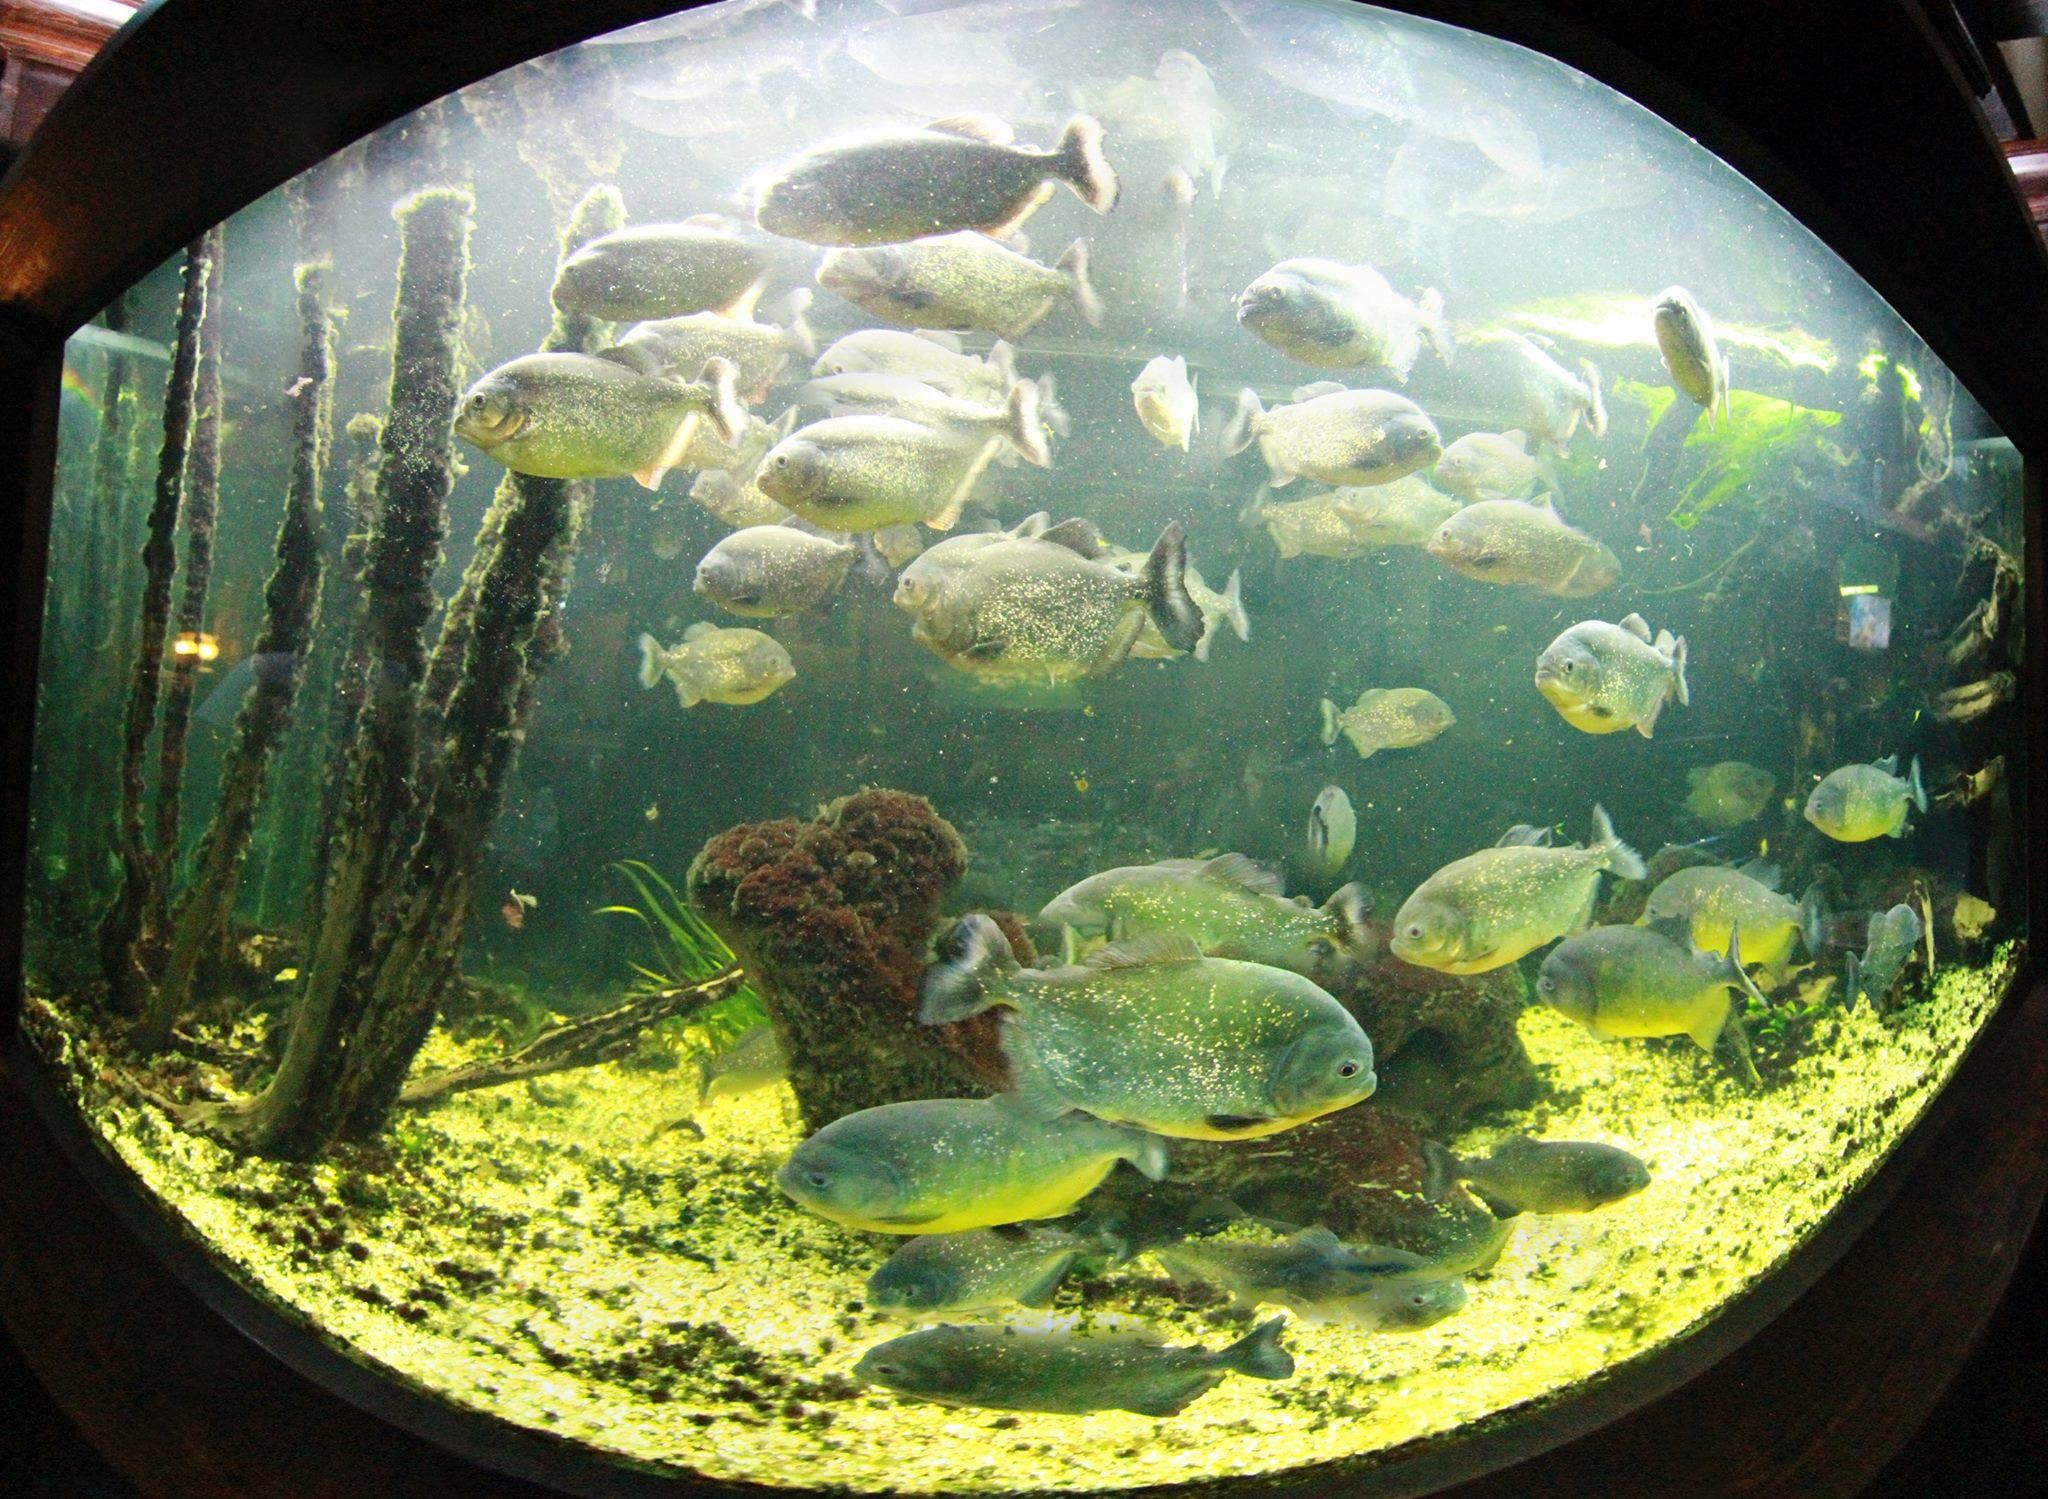 Pești Piranha, în lacul Firiza din Maramureș. Aceștia sunt foarte periculoși, putând ataca oamenii